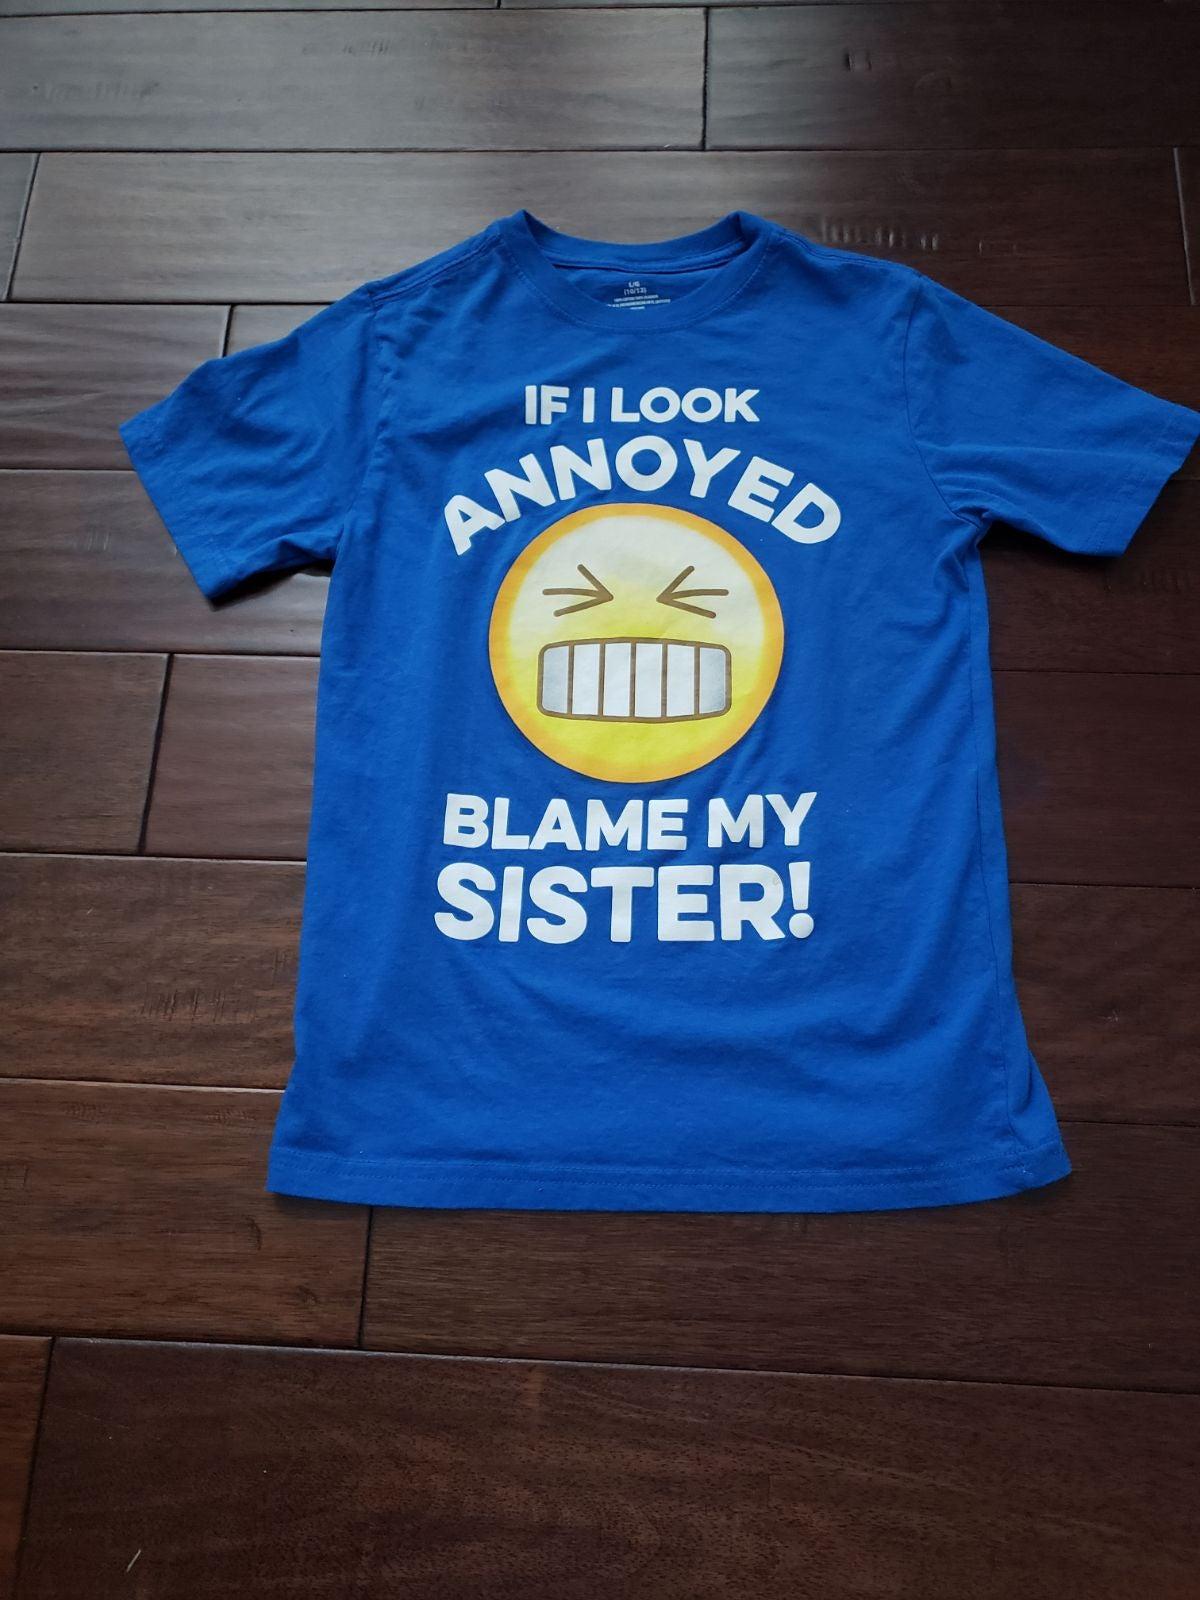 Boys Blue & Yellow Graphic Tshirt